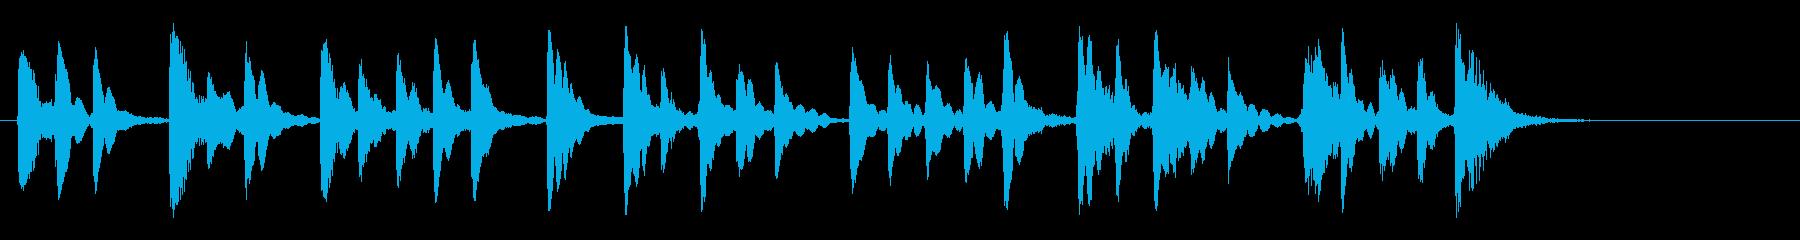 15秒ベル音CM音楽の再生済みの波形